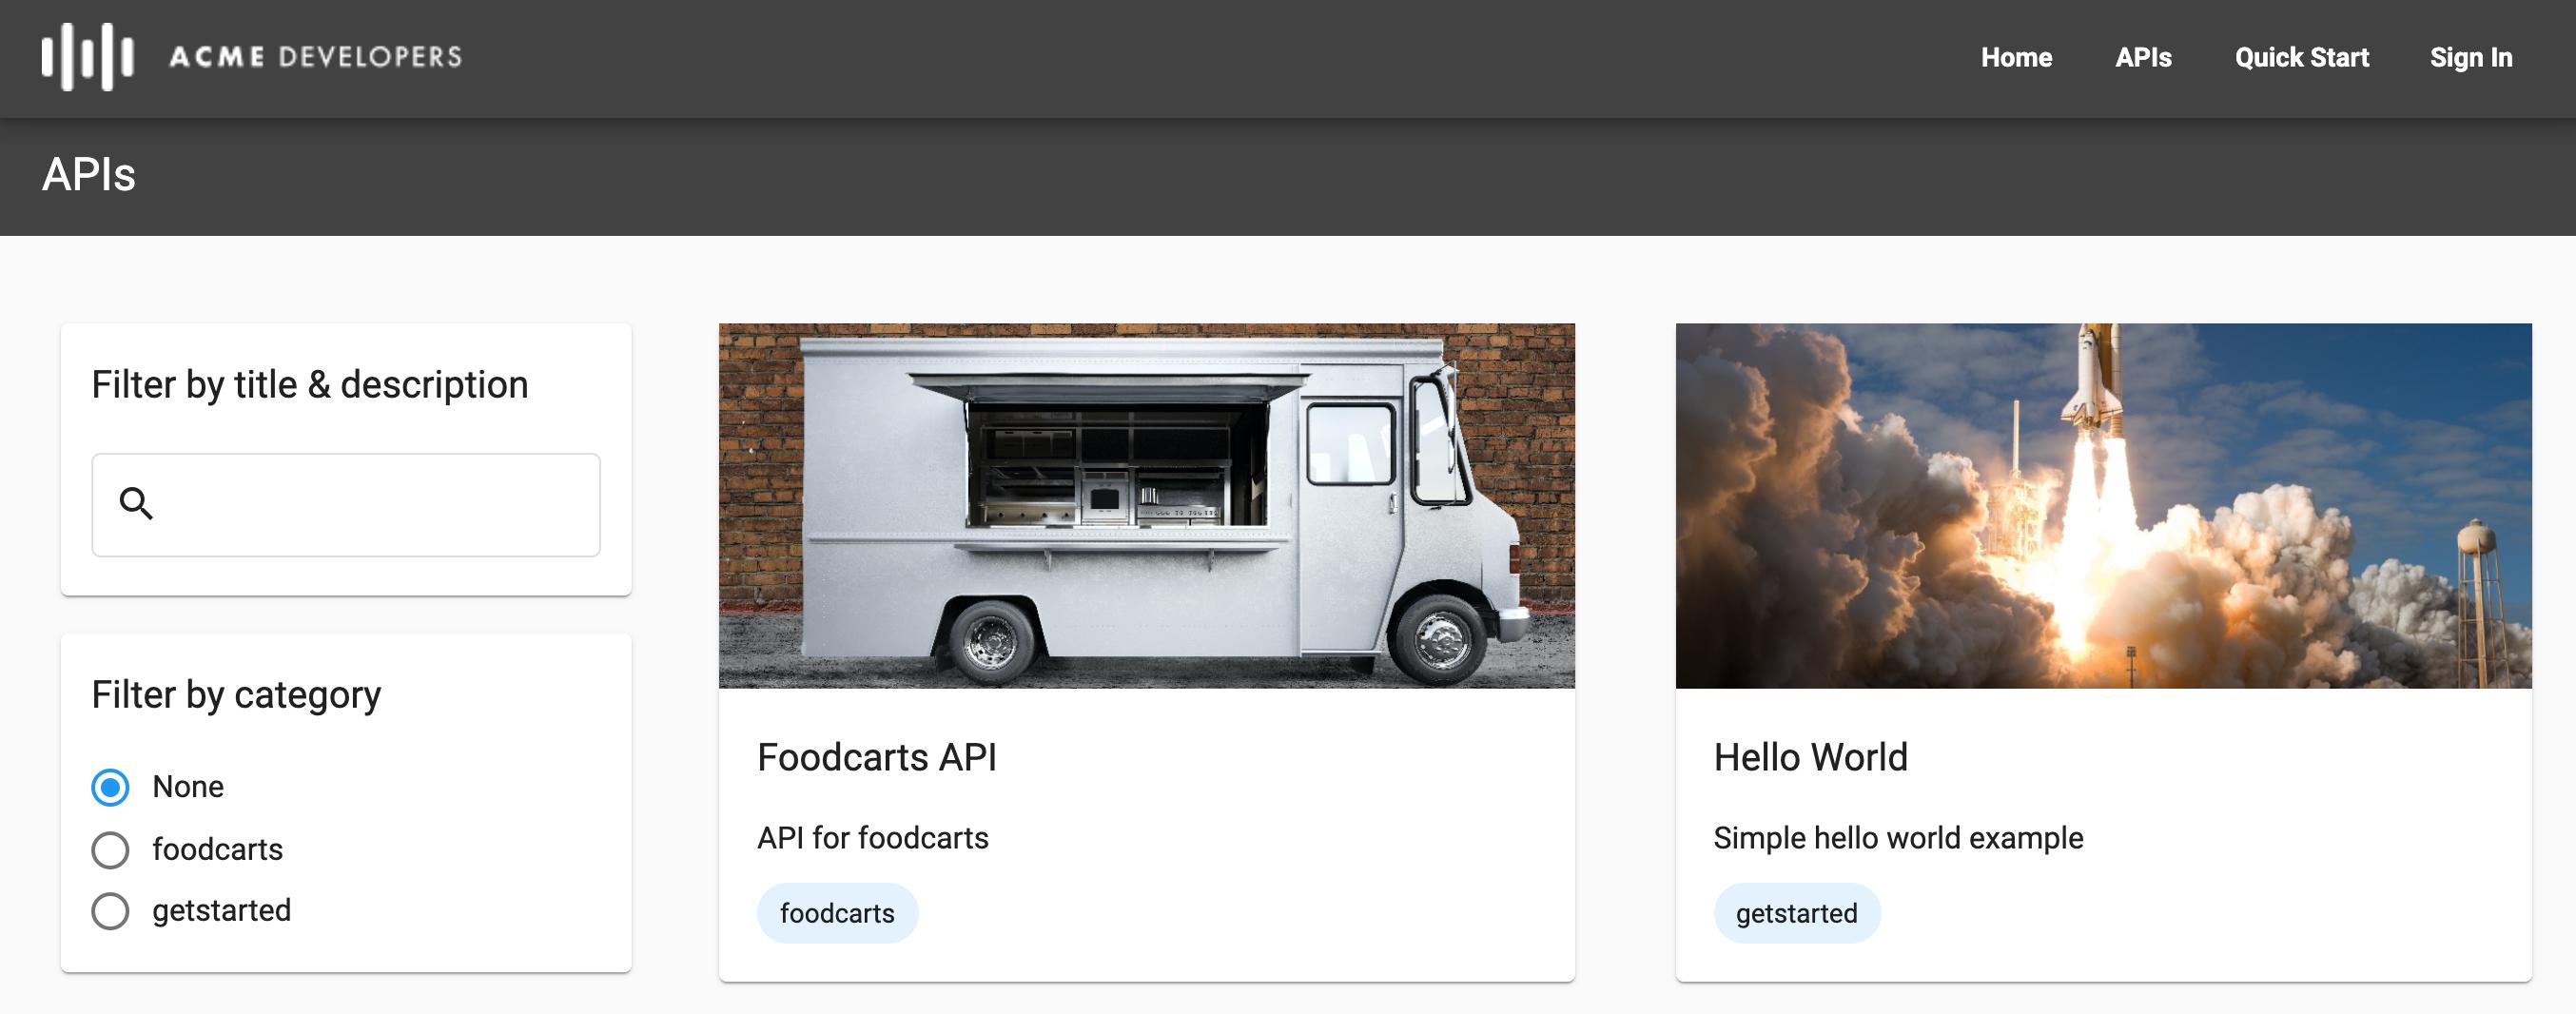 APIs page